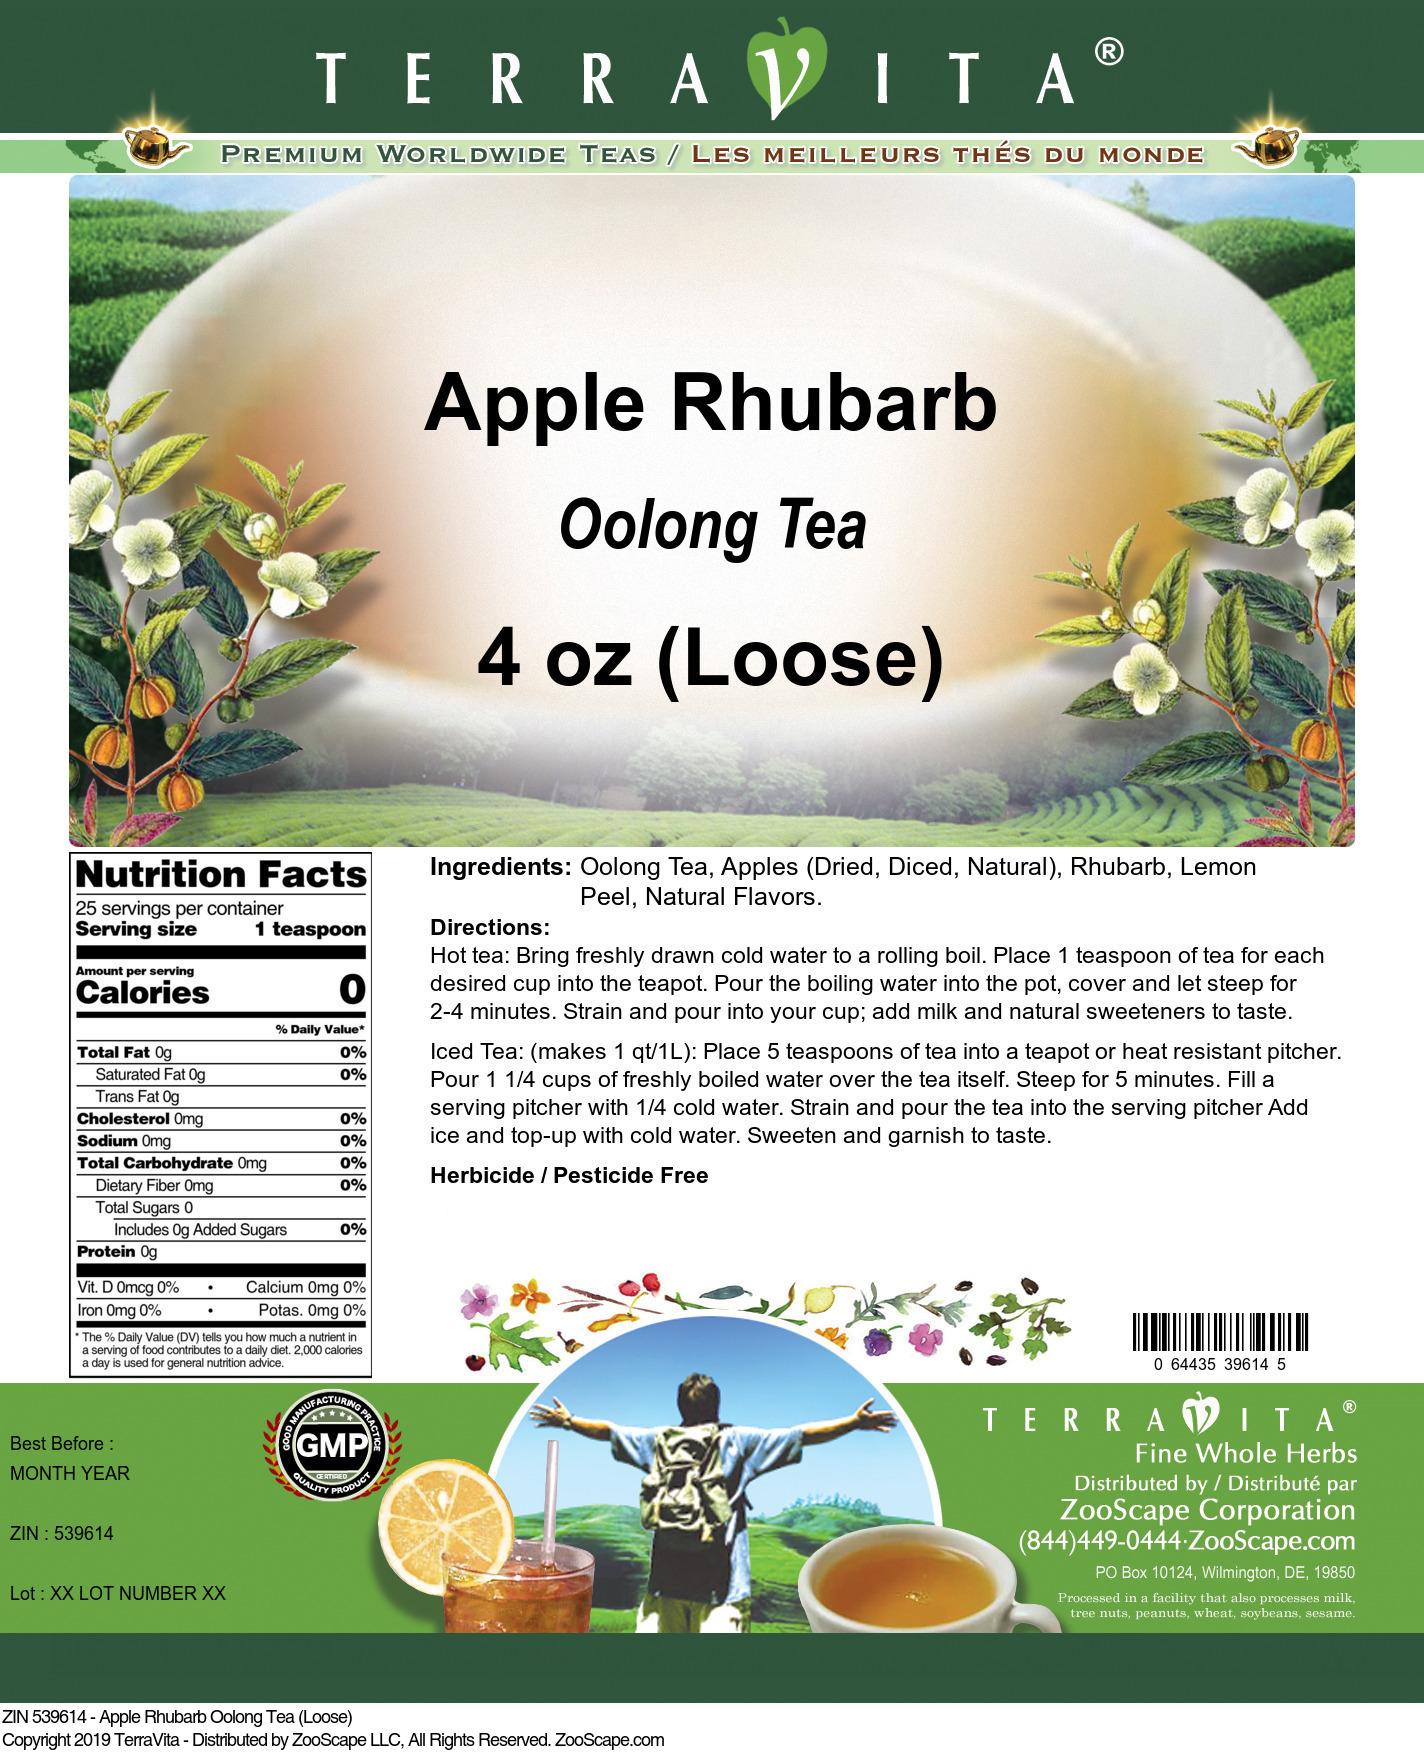 Apple Rhubarb Oolong Tea (Loose)